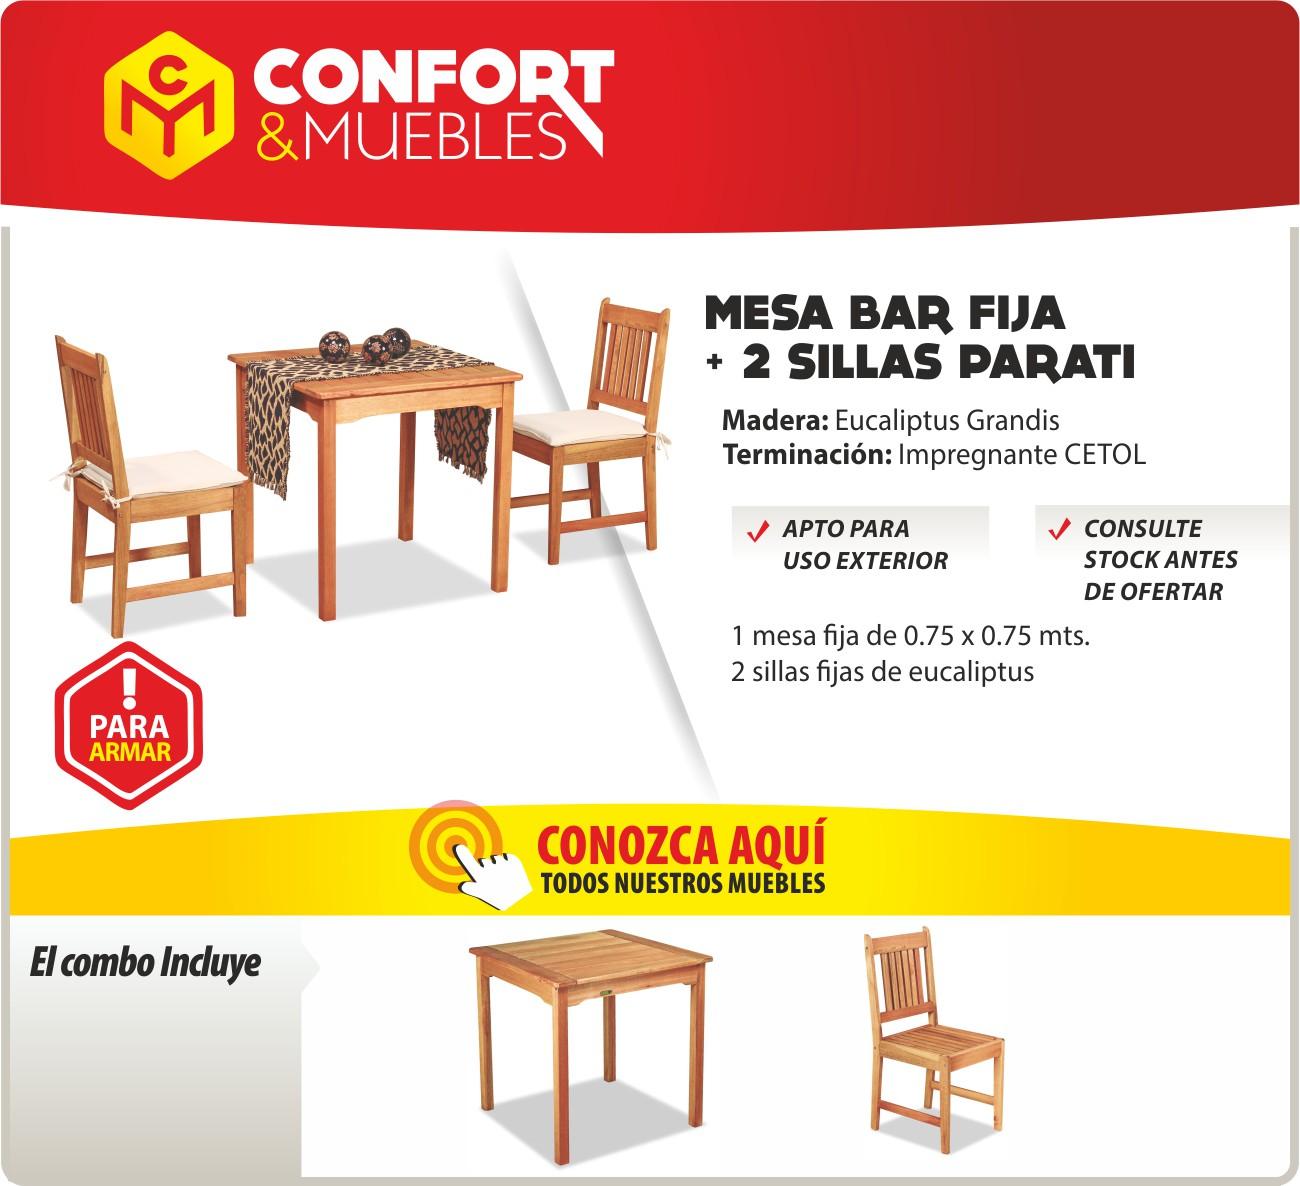 Silla de madera eucaliptus mesa 75x75 interior exterior bar confort y muebles - Confort y muebles ...